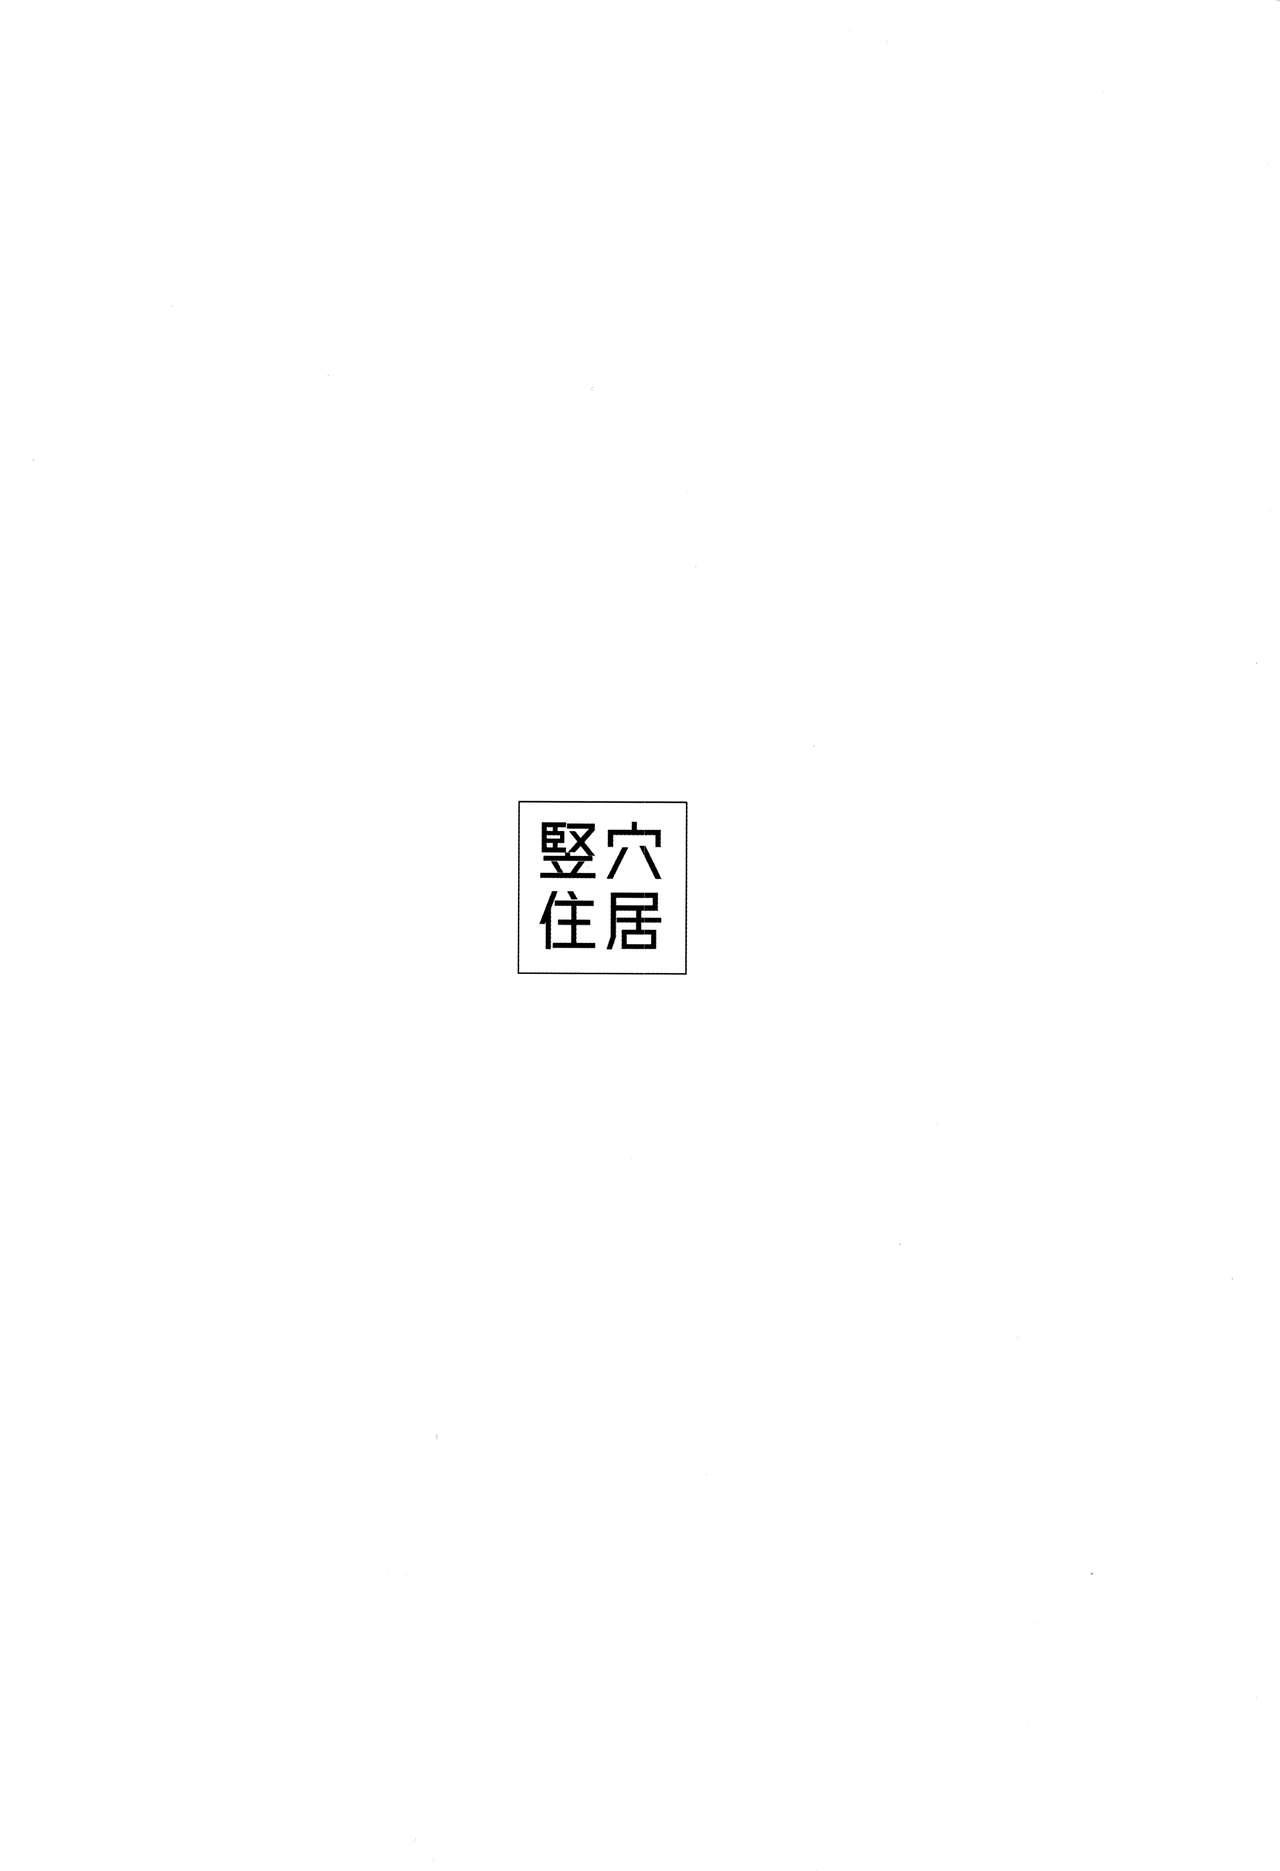 Kiss yori Saki ni Dekiru Koto | 比親吻先能做到的事情 29